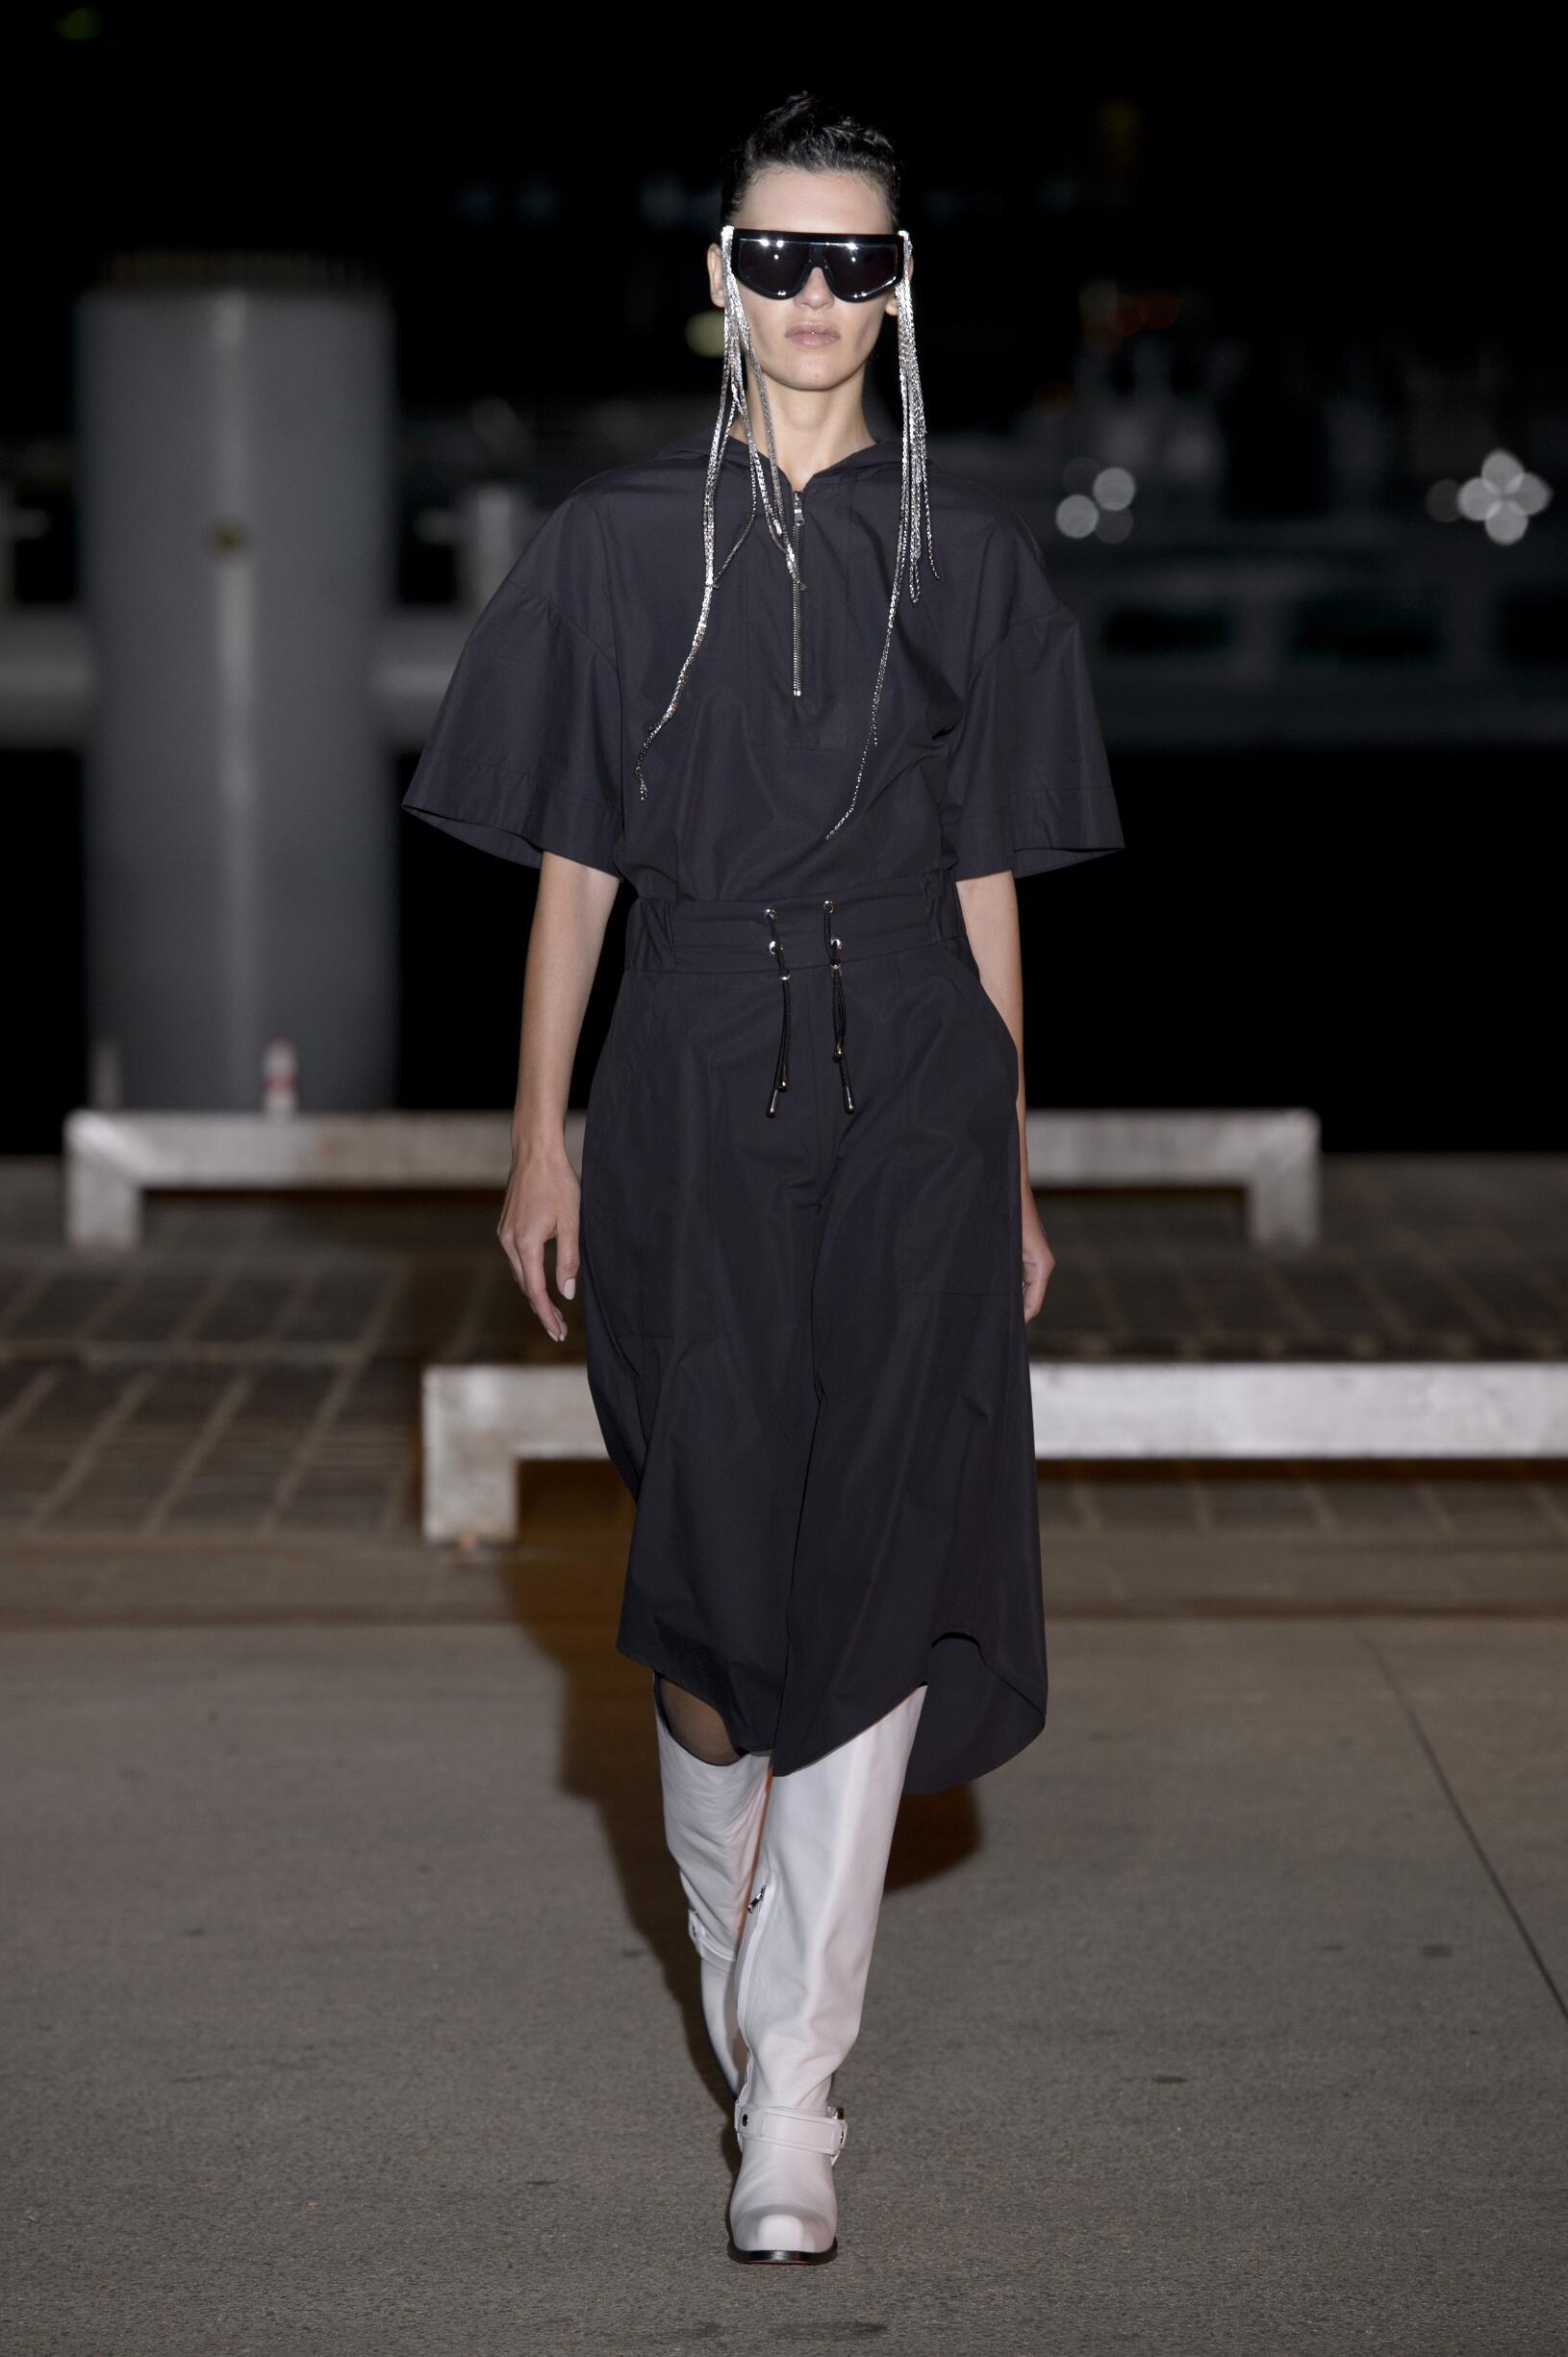 Wanda Nylon Fashion Show